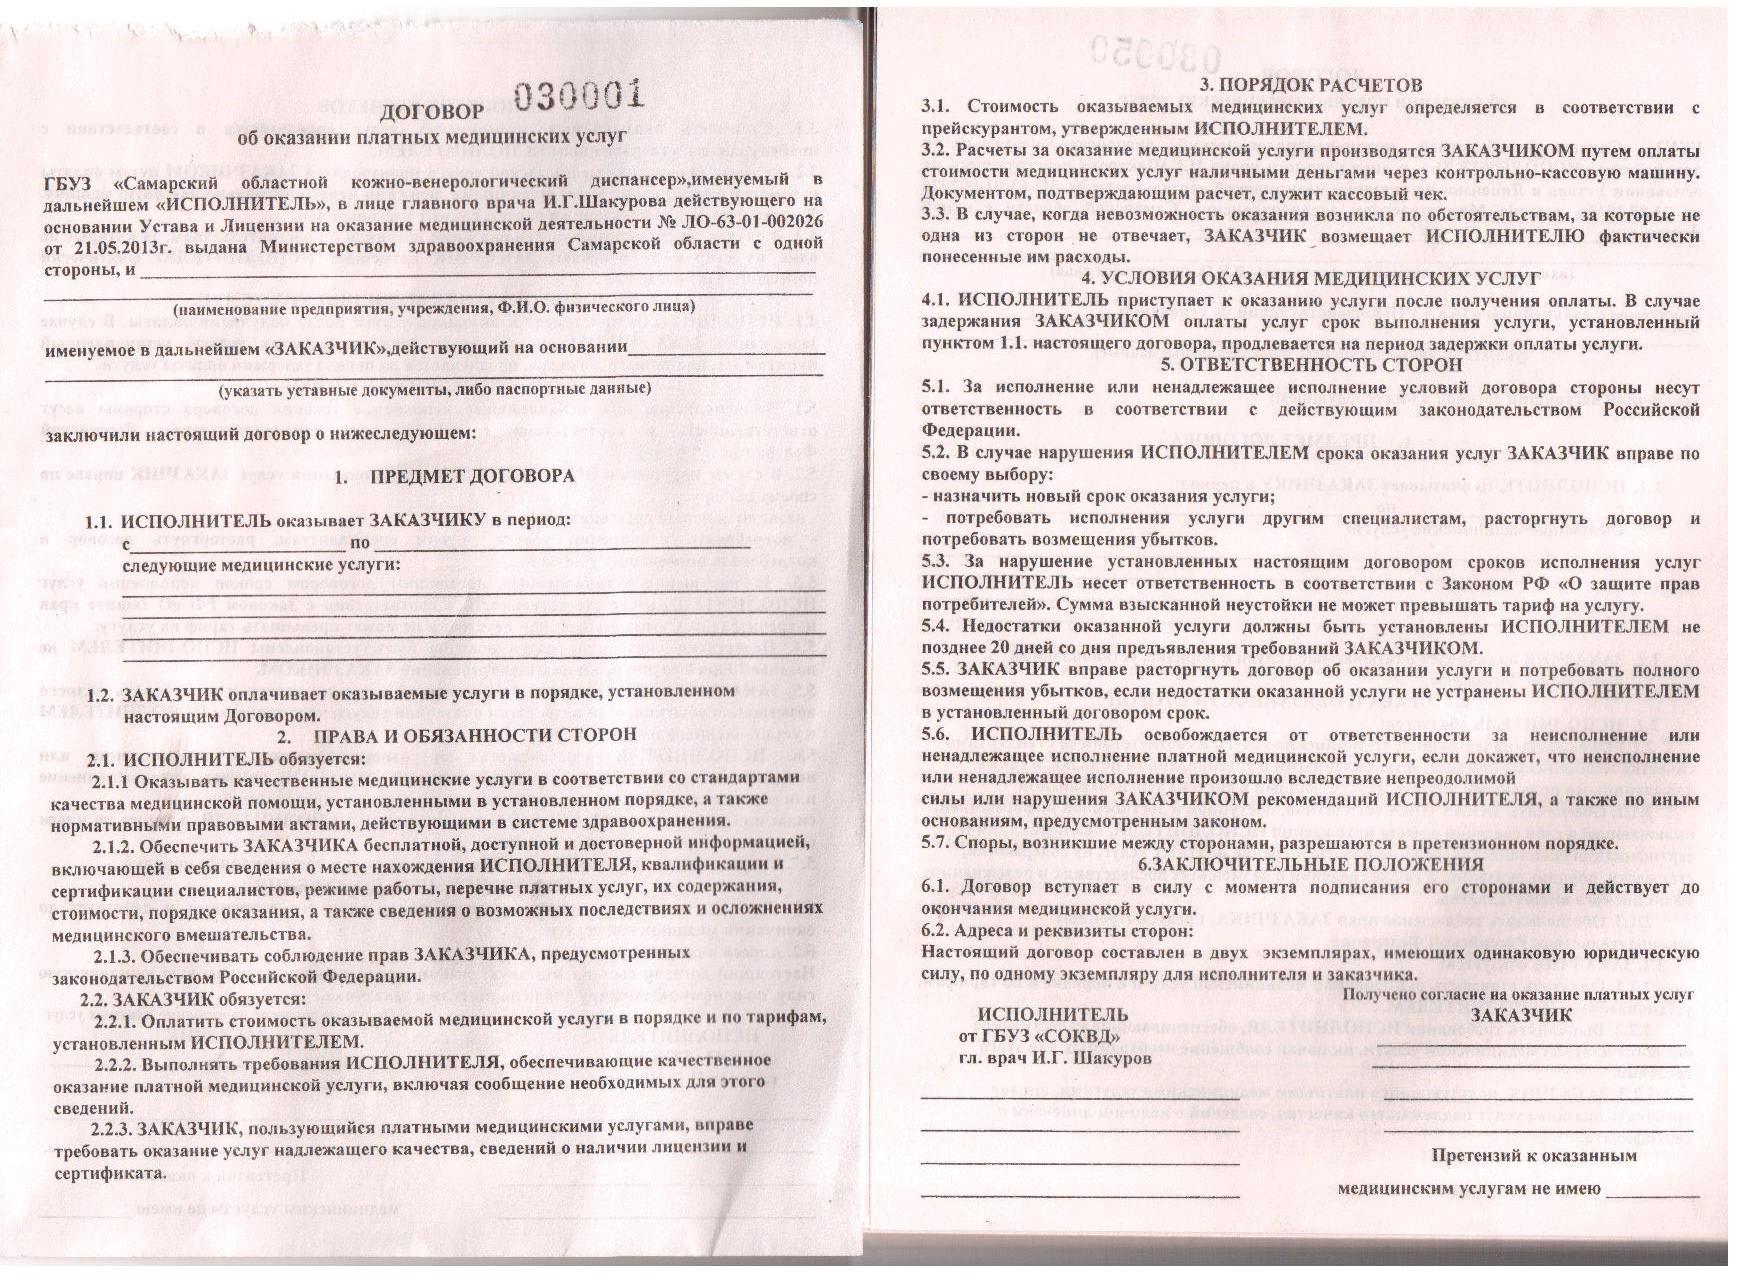 договор на платные медицинские услуги образец